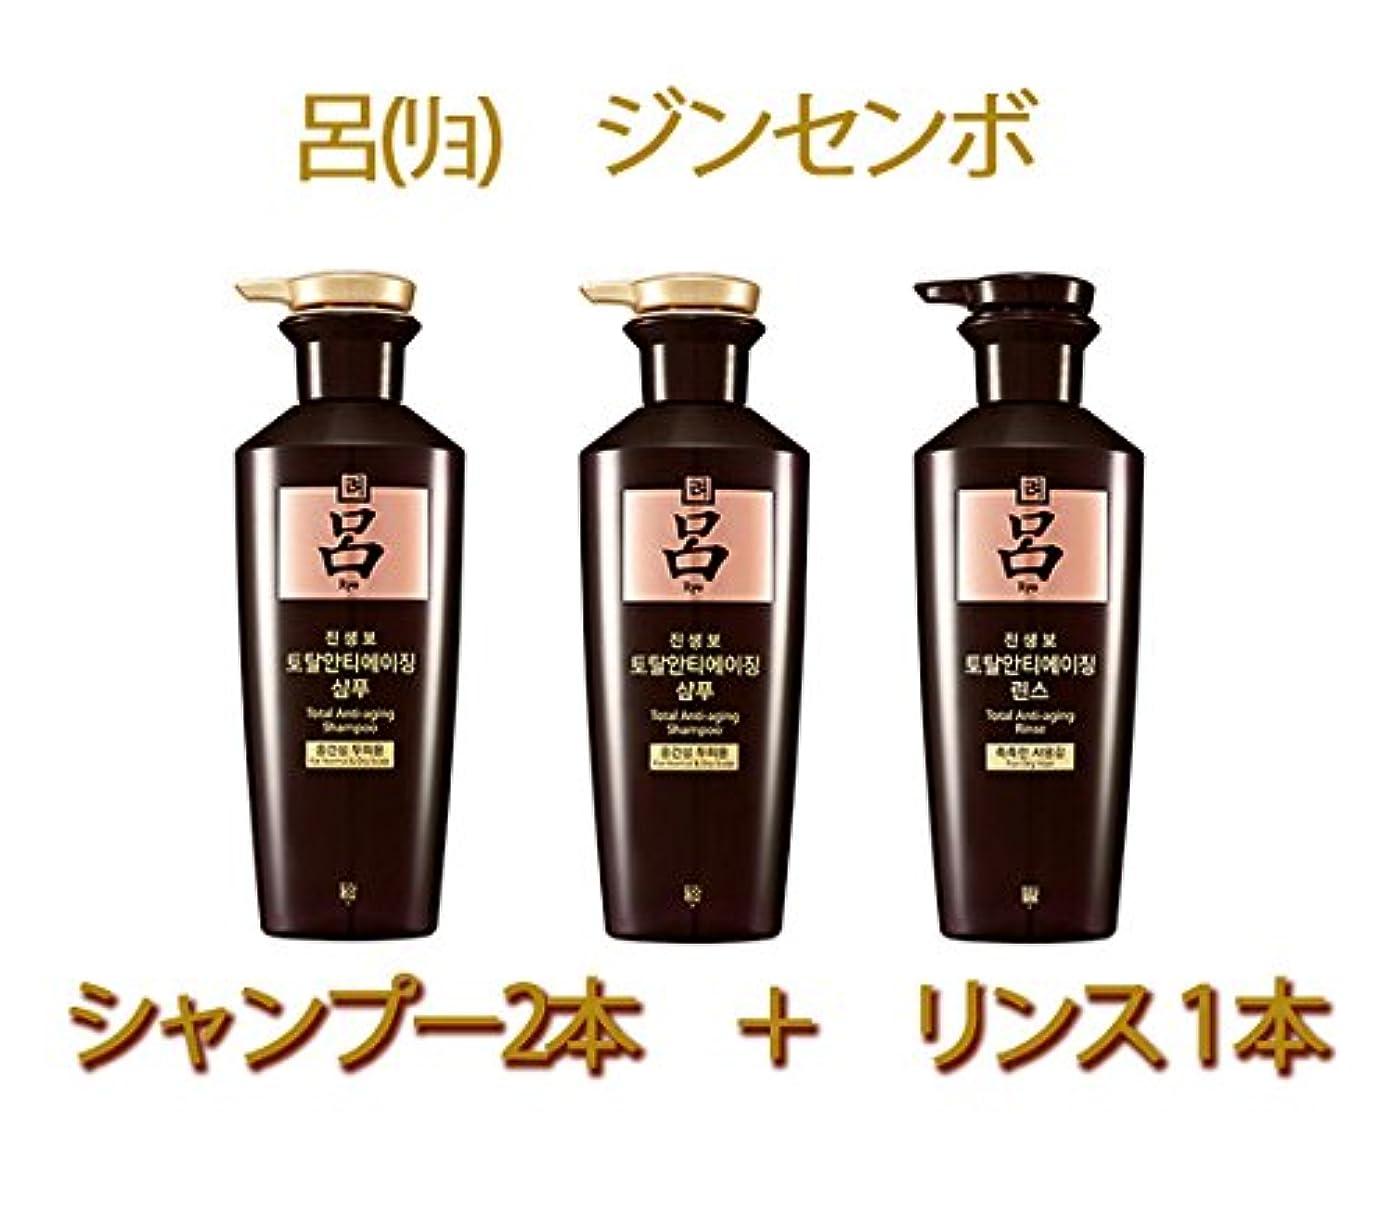 韓国 リョ/呂 ジンセンボ/眞生保 シャンプー2本&リンス1本【乾燥頭皮用】